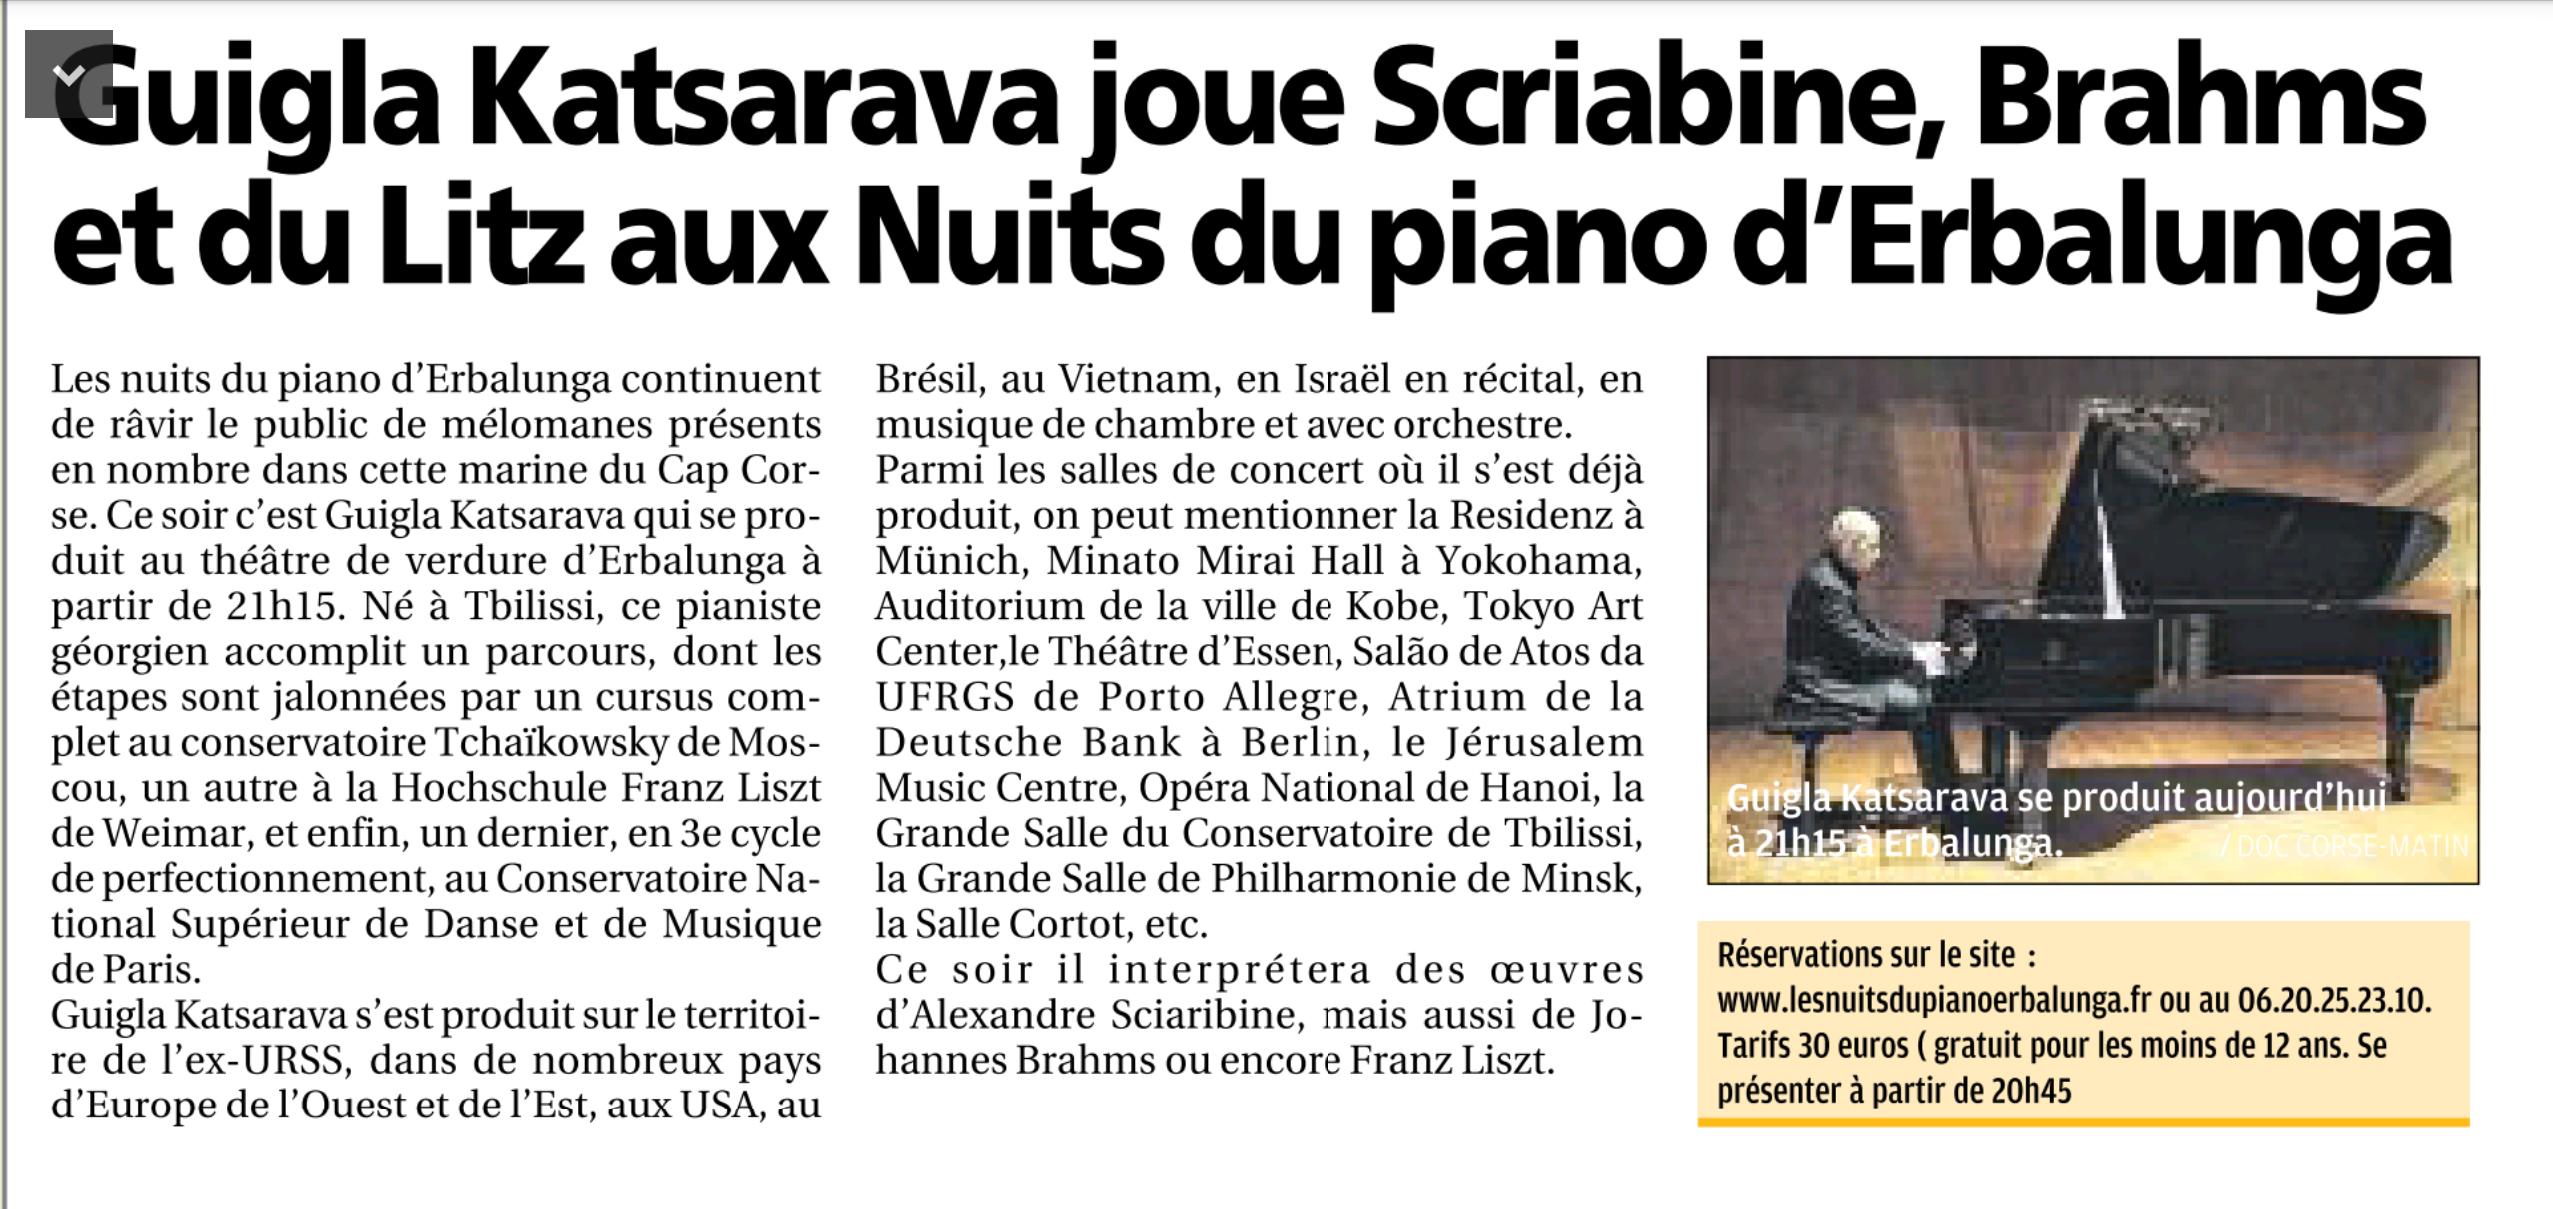 Corse-Matin du 04 août 2015